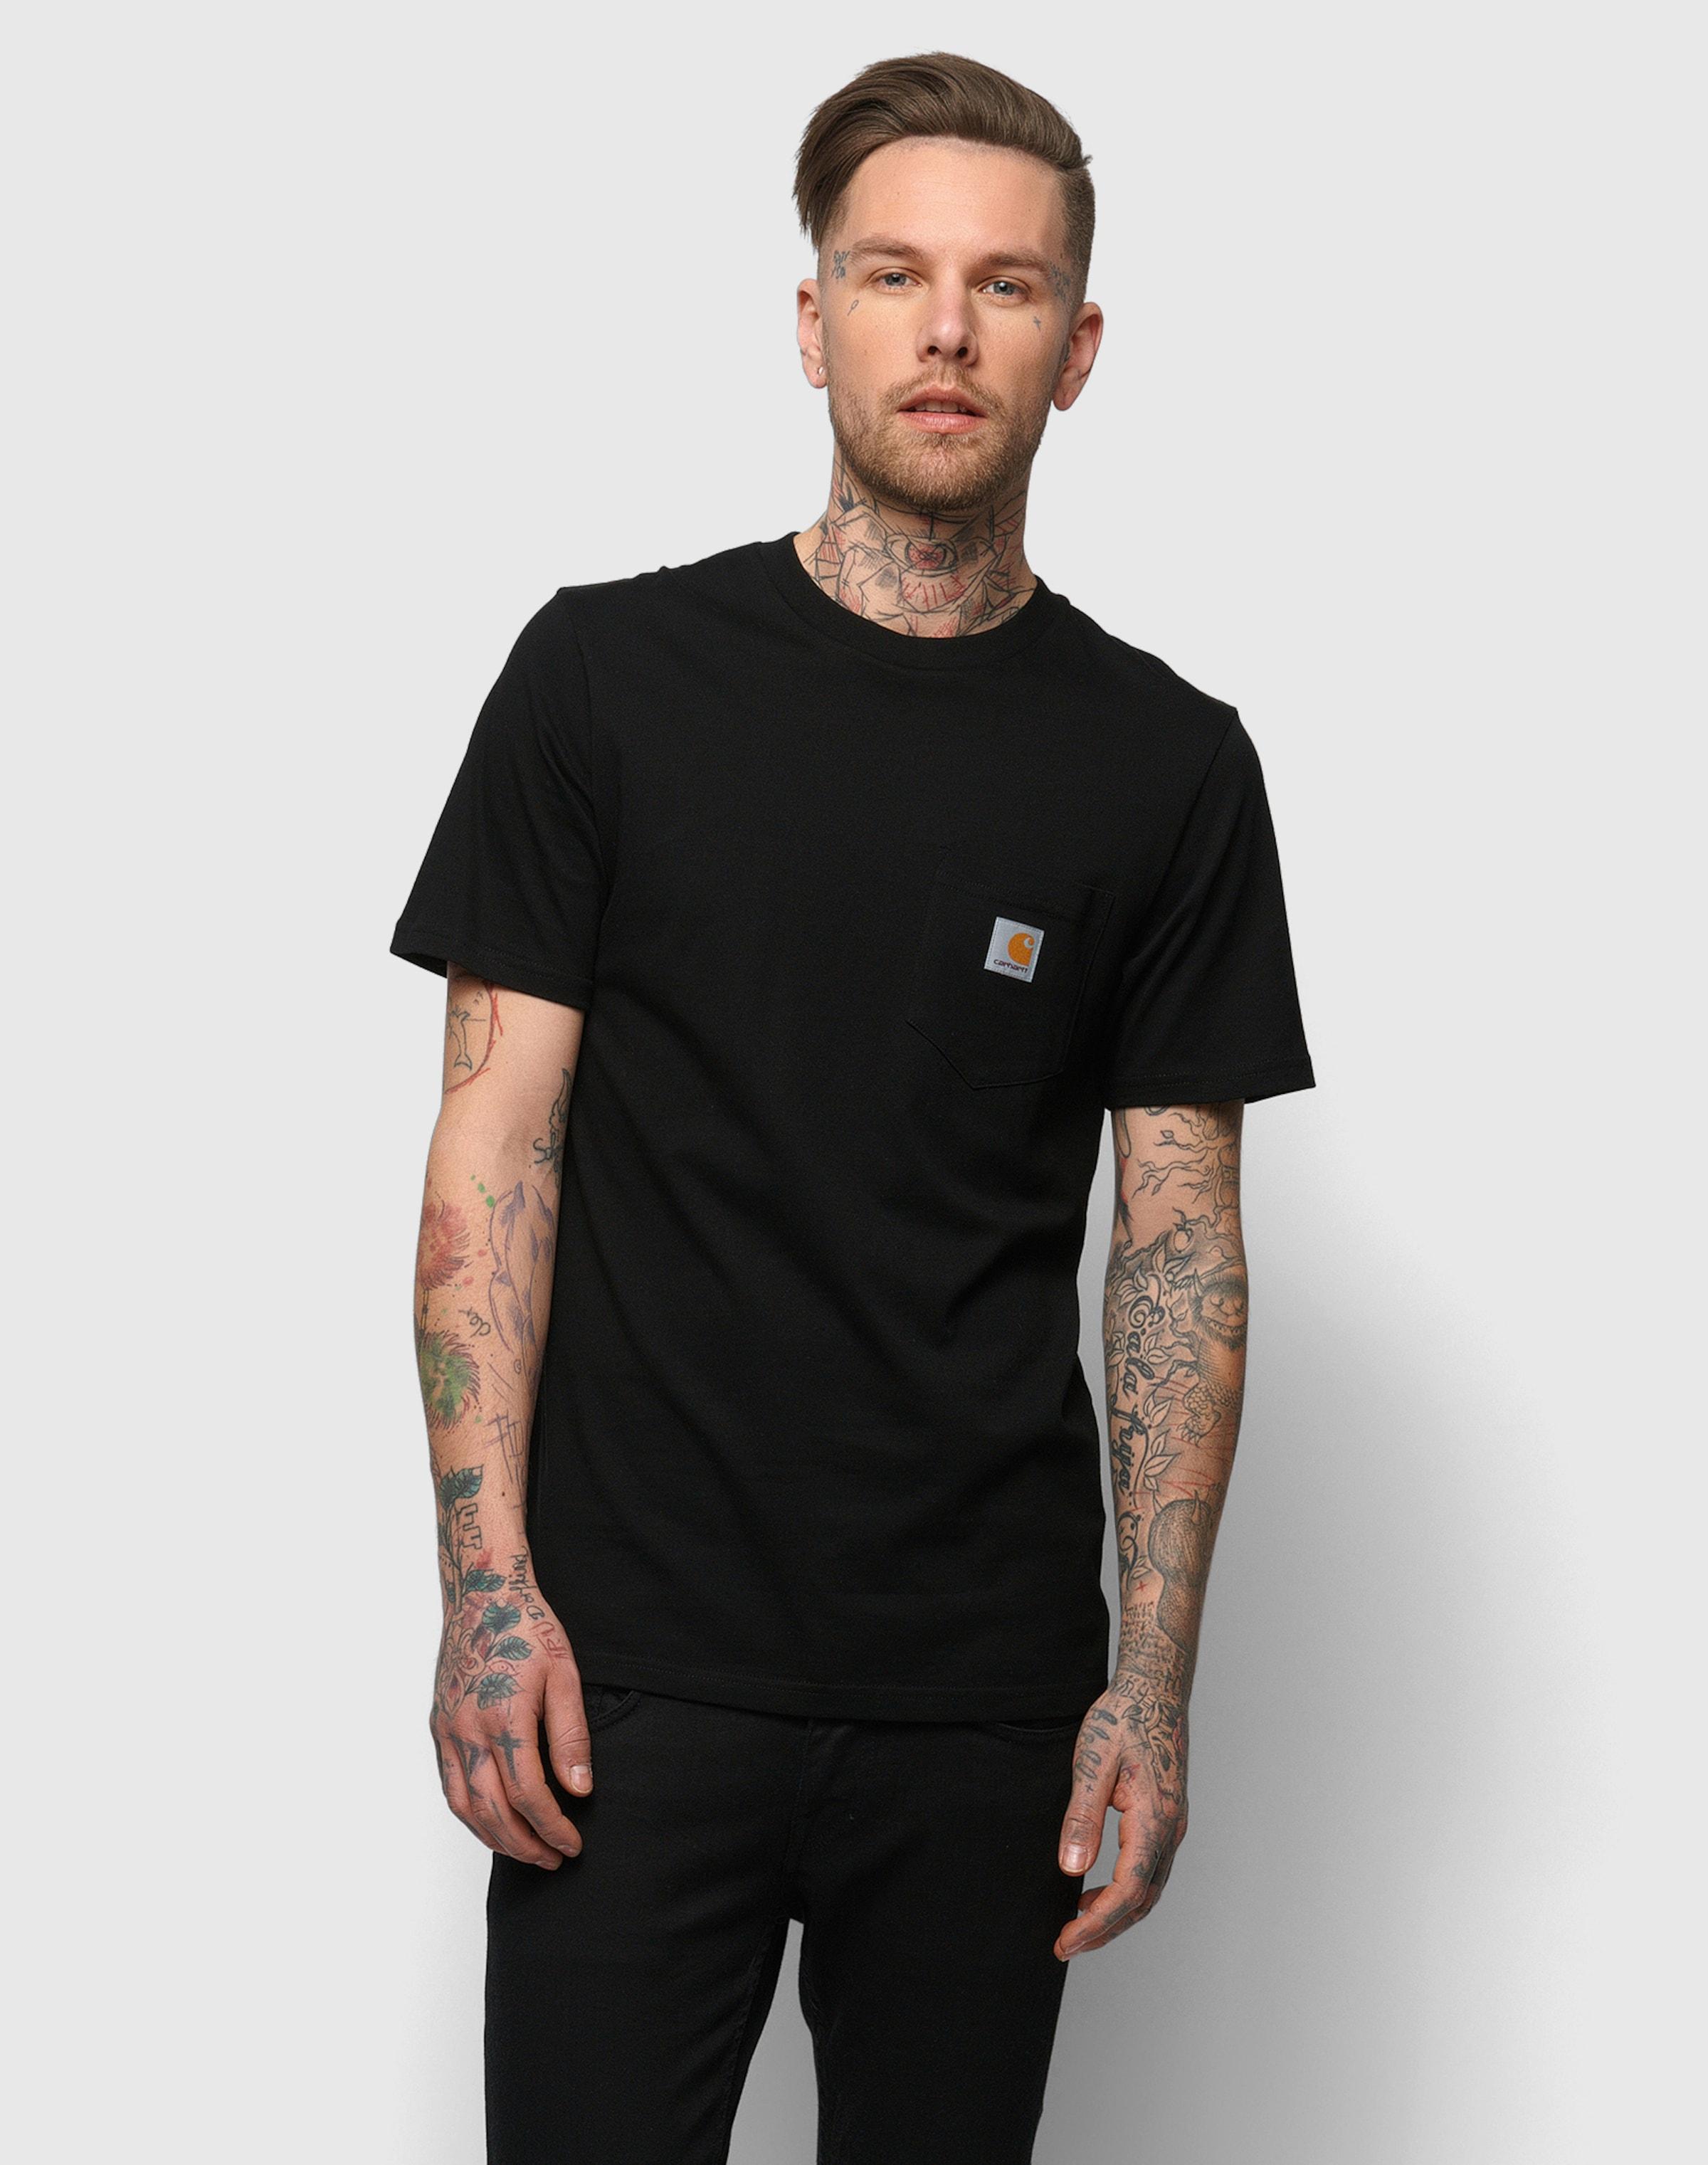 Carhartt WIP T-Shirt Original-Verkauf Online PdAOS